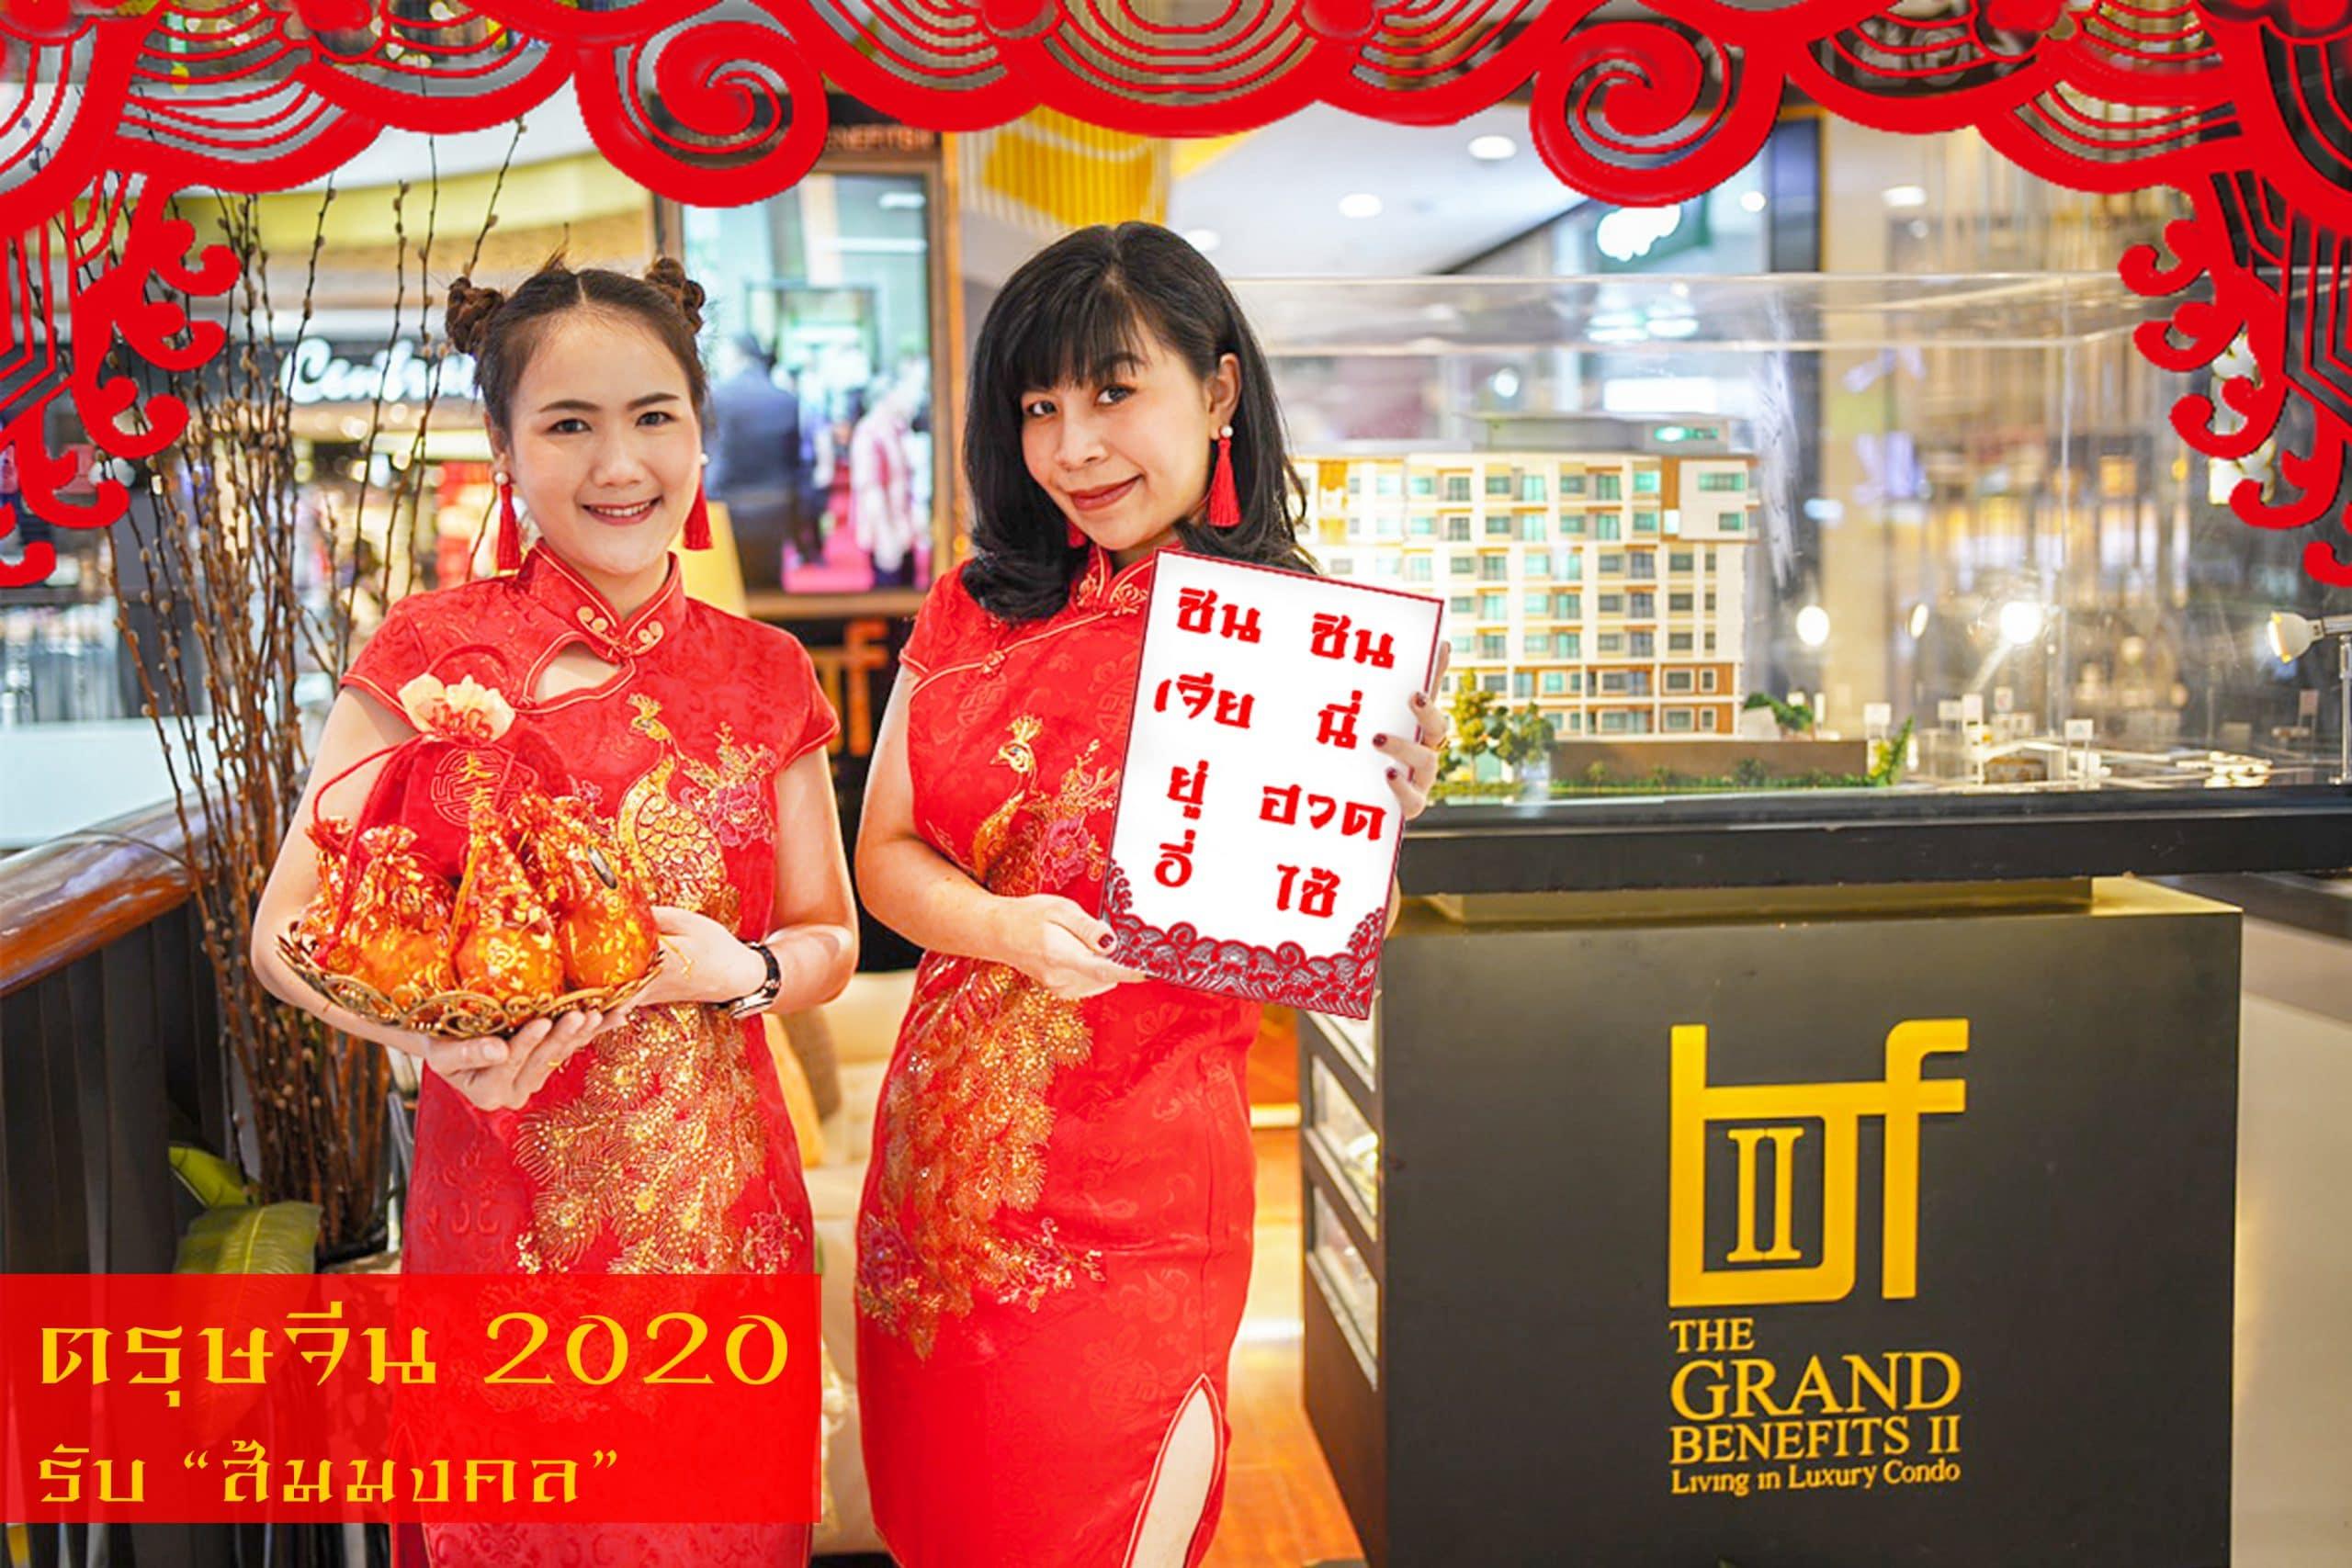 ตรุษจีน 2020 – รับส้มมงคล